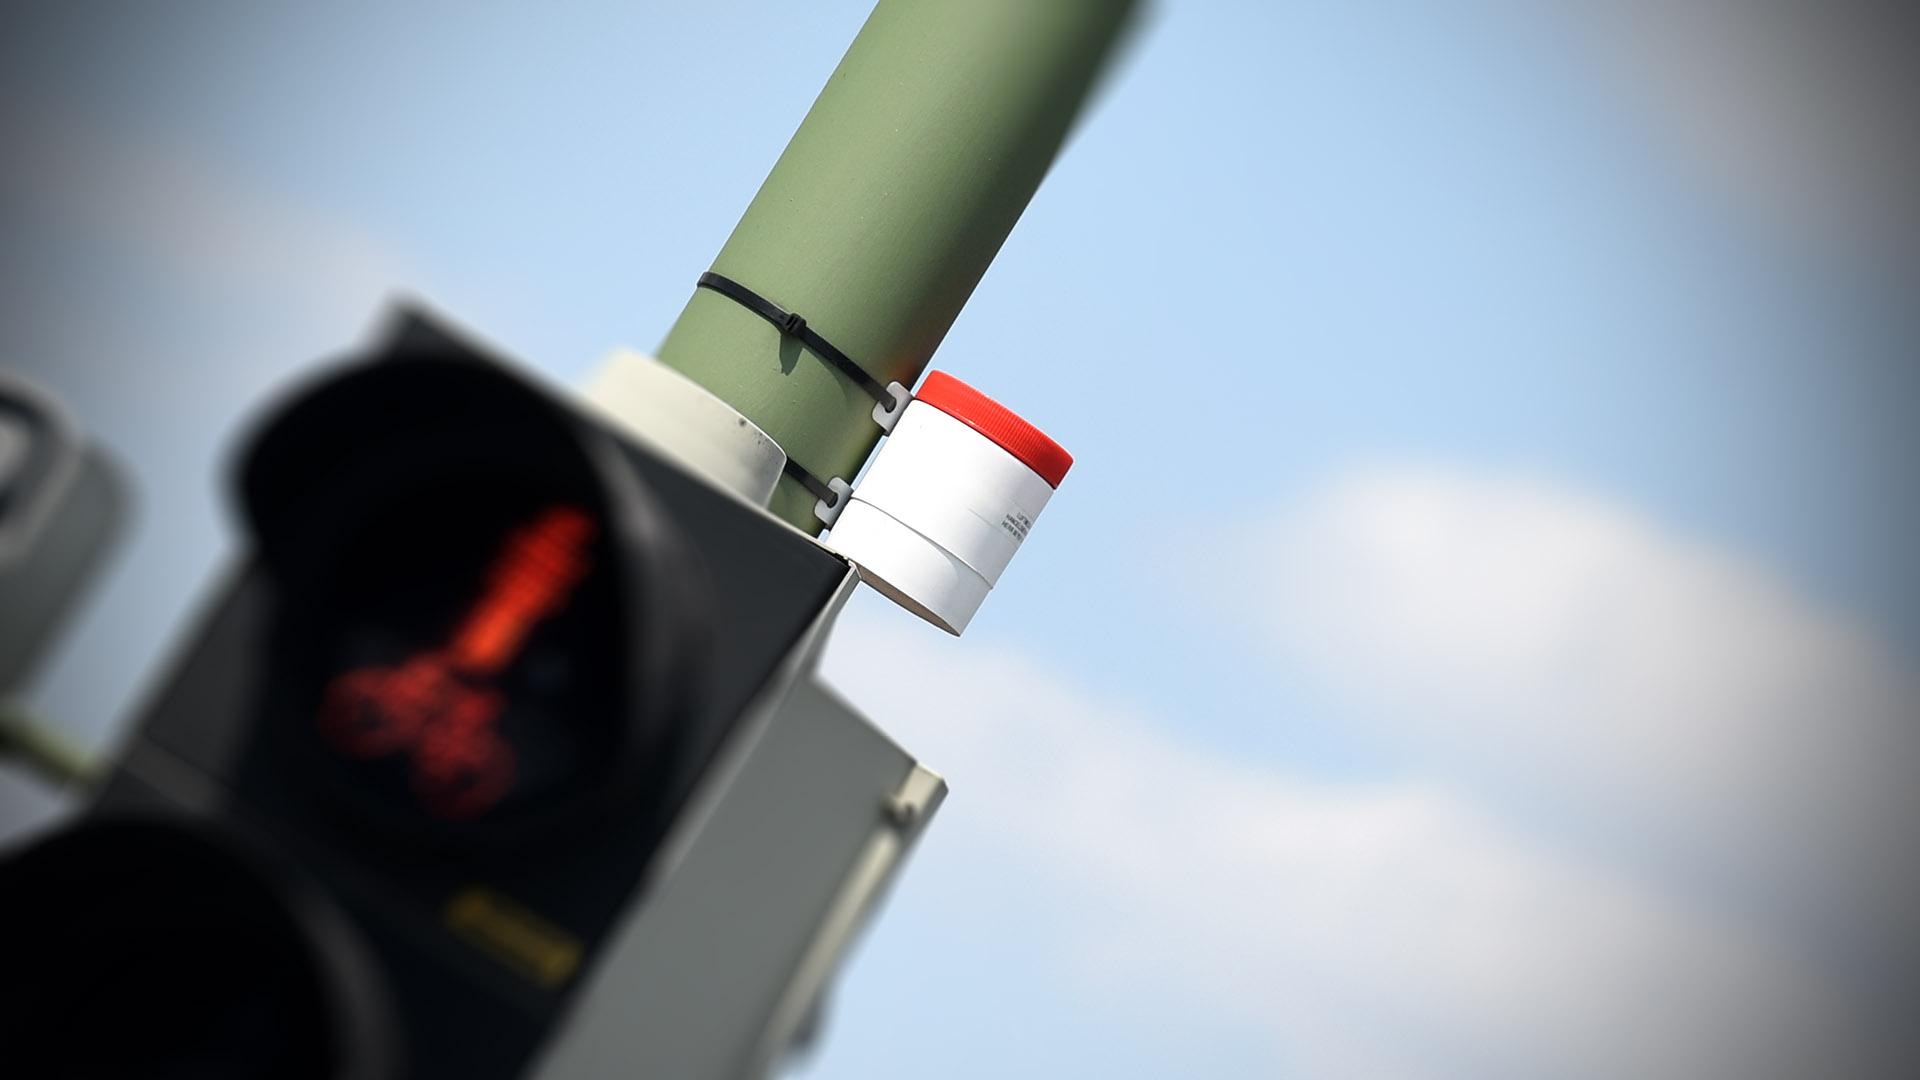 Passivsammler an Ampel am Jahnplatz in Bielefeld zur Messung von Stickstoffdioxid Diesel Fahrverbot